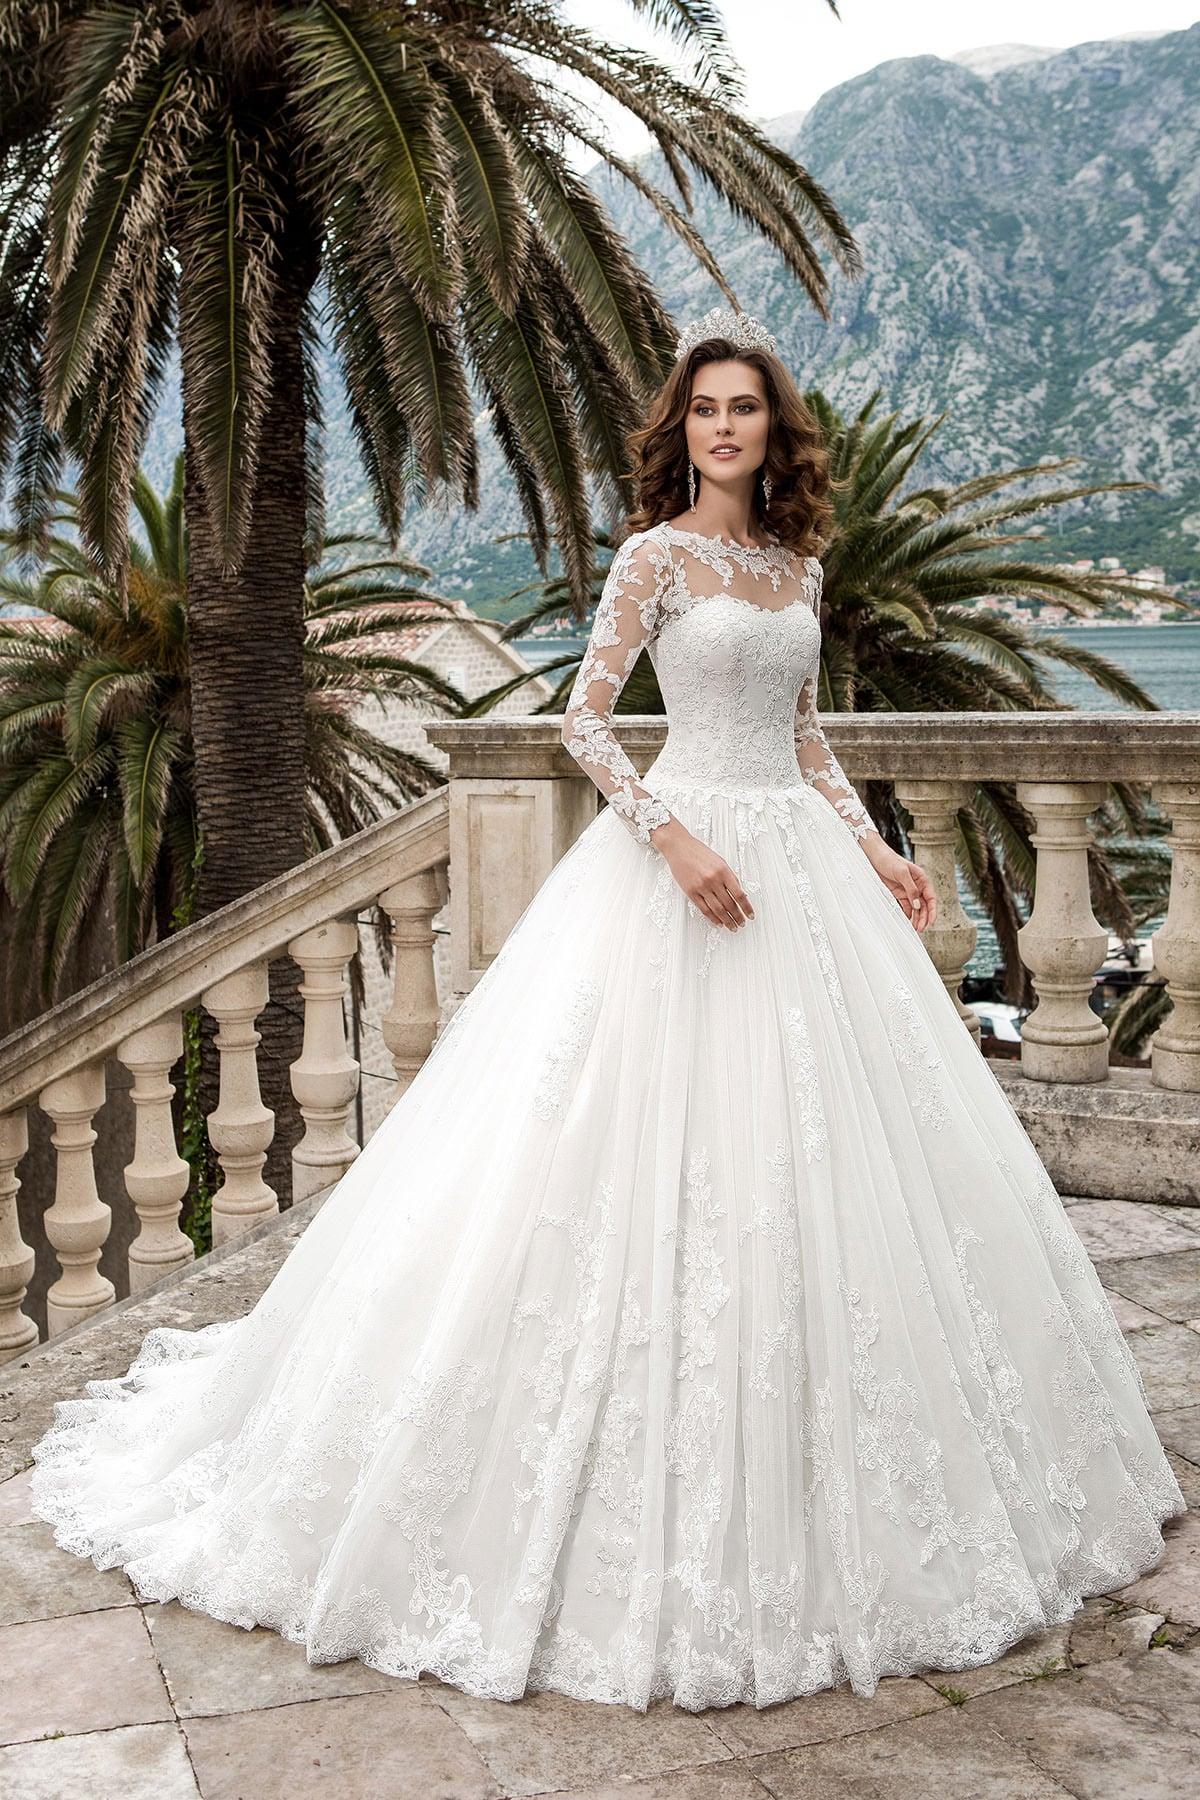 aa64da5d987 Свадебное платье «принцесса» с длинными кружевными рукавами и торжественным  шлейфом.